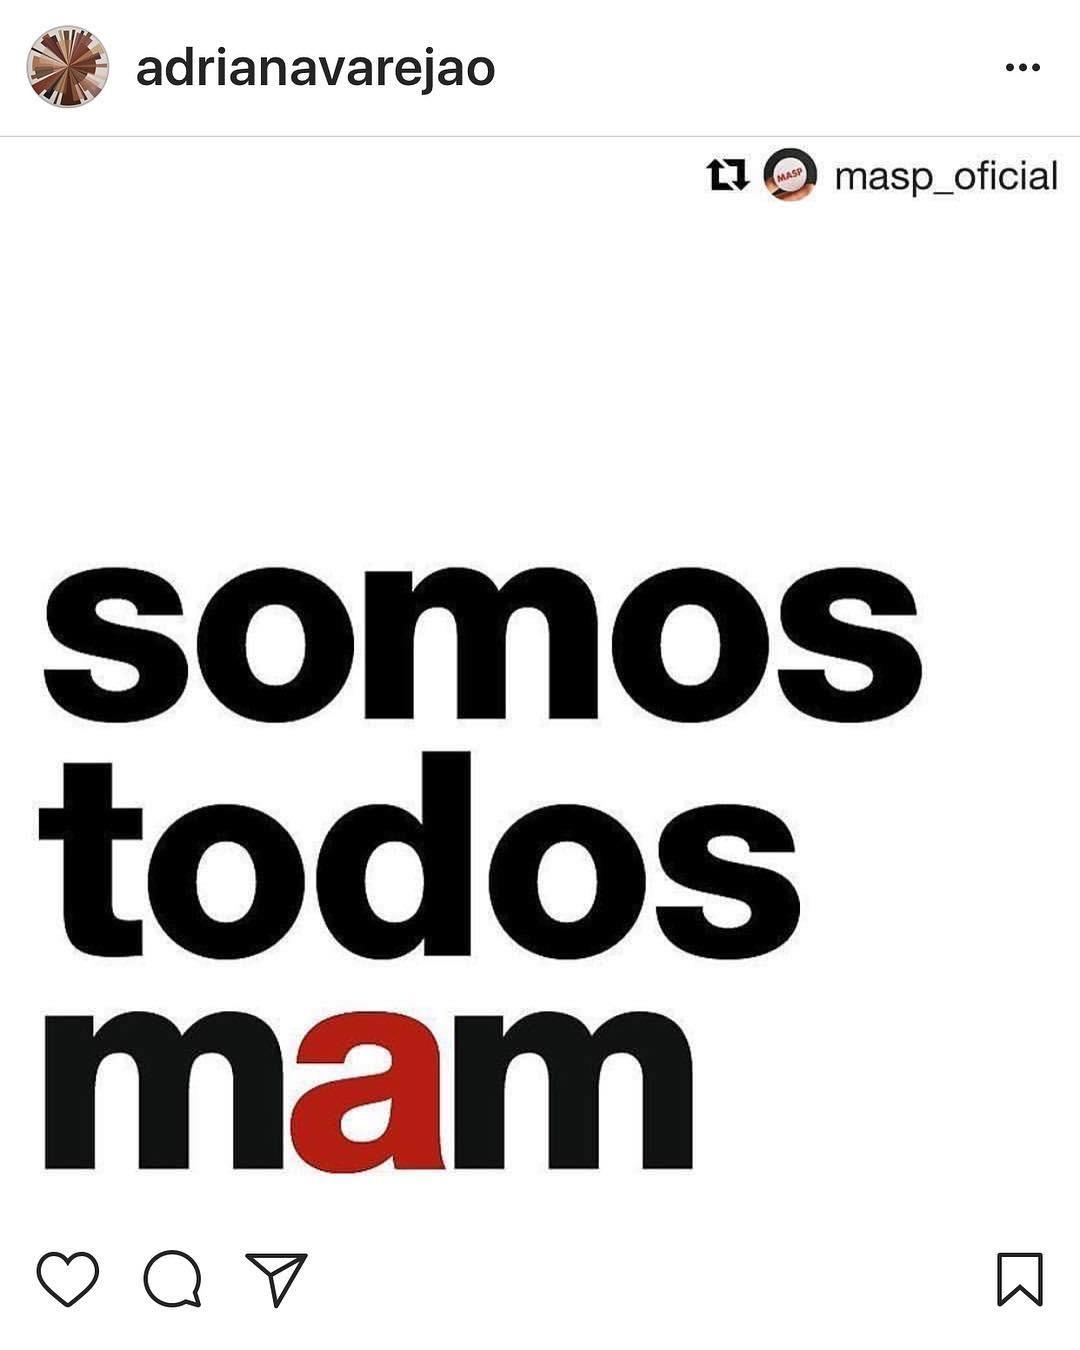 Maria Ribeiro e Adriana Varejão mostram apoio ao MAM (Foto: Reprodução Instagram)